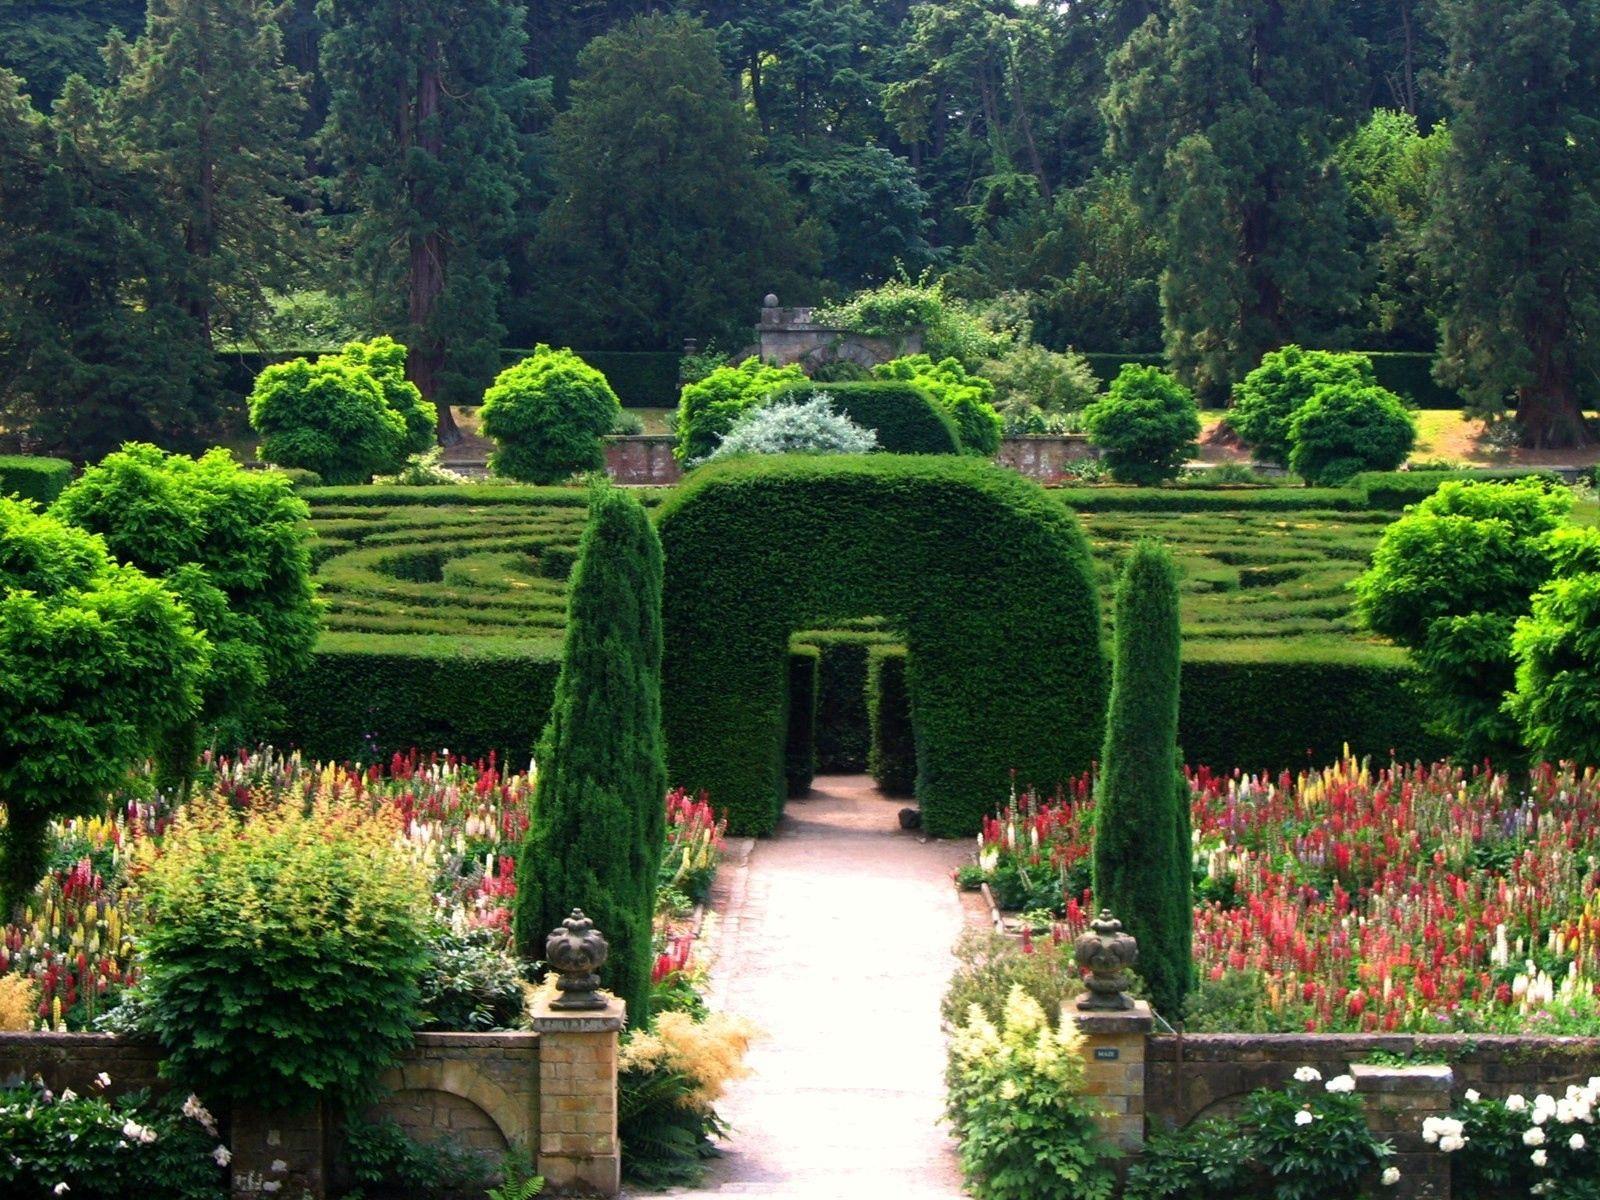 138771 descargar fondo de pantalla Naturaleza, Inglaterra, El Parque, Parque, Jardín, Arco, Laberinto: protectores de pantalla e imágenes gratis